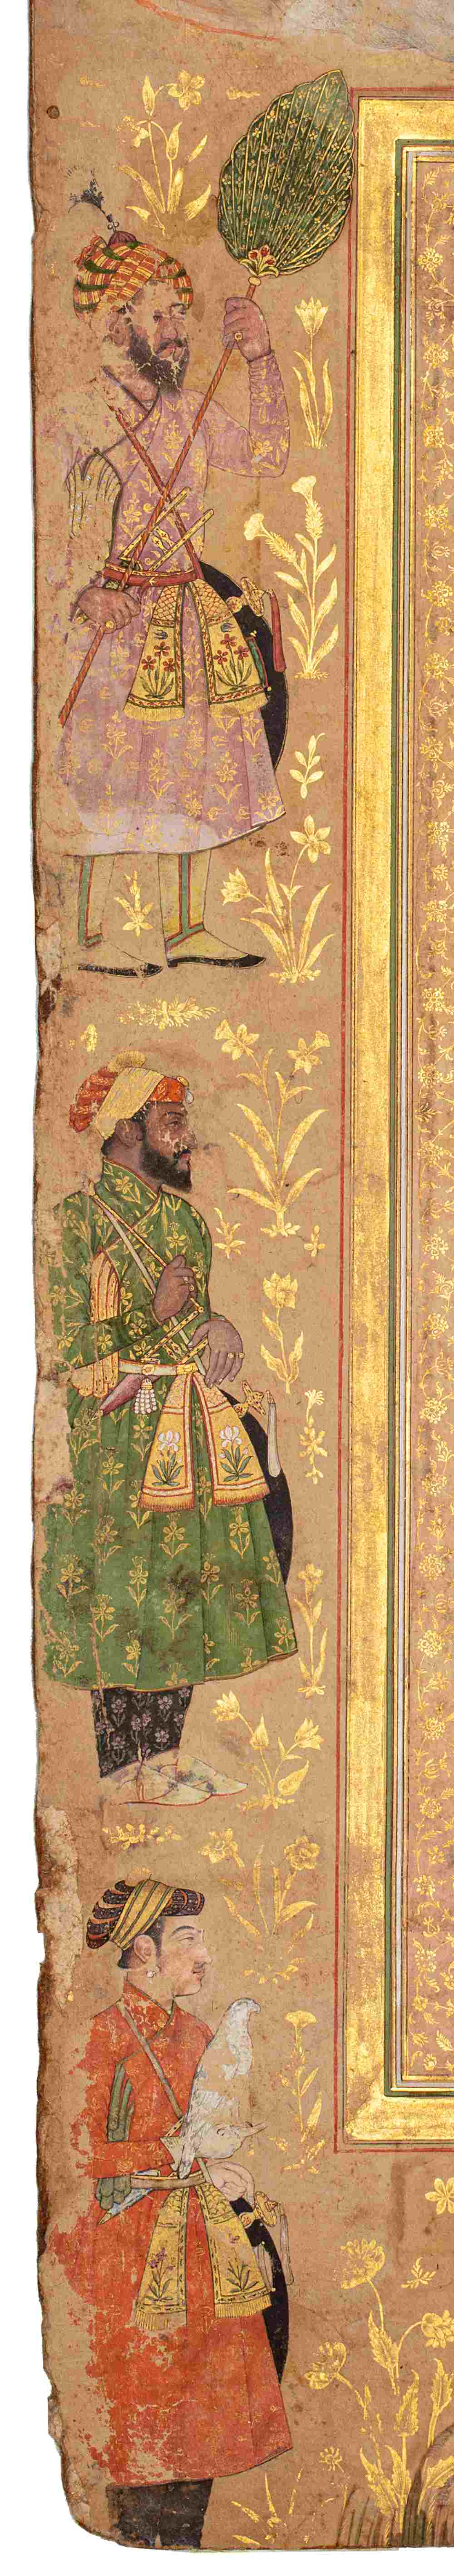 Double portrait de Shah Jahan et Aurengzeb-AlamguirDouble portrait de Shah Jahan (r.1628-1658) et - Image 7 of 8